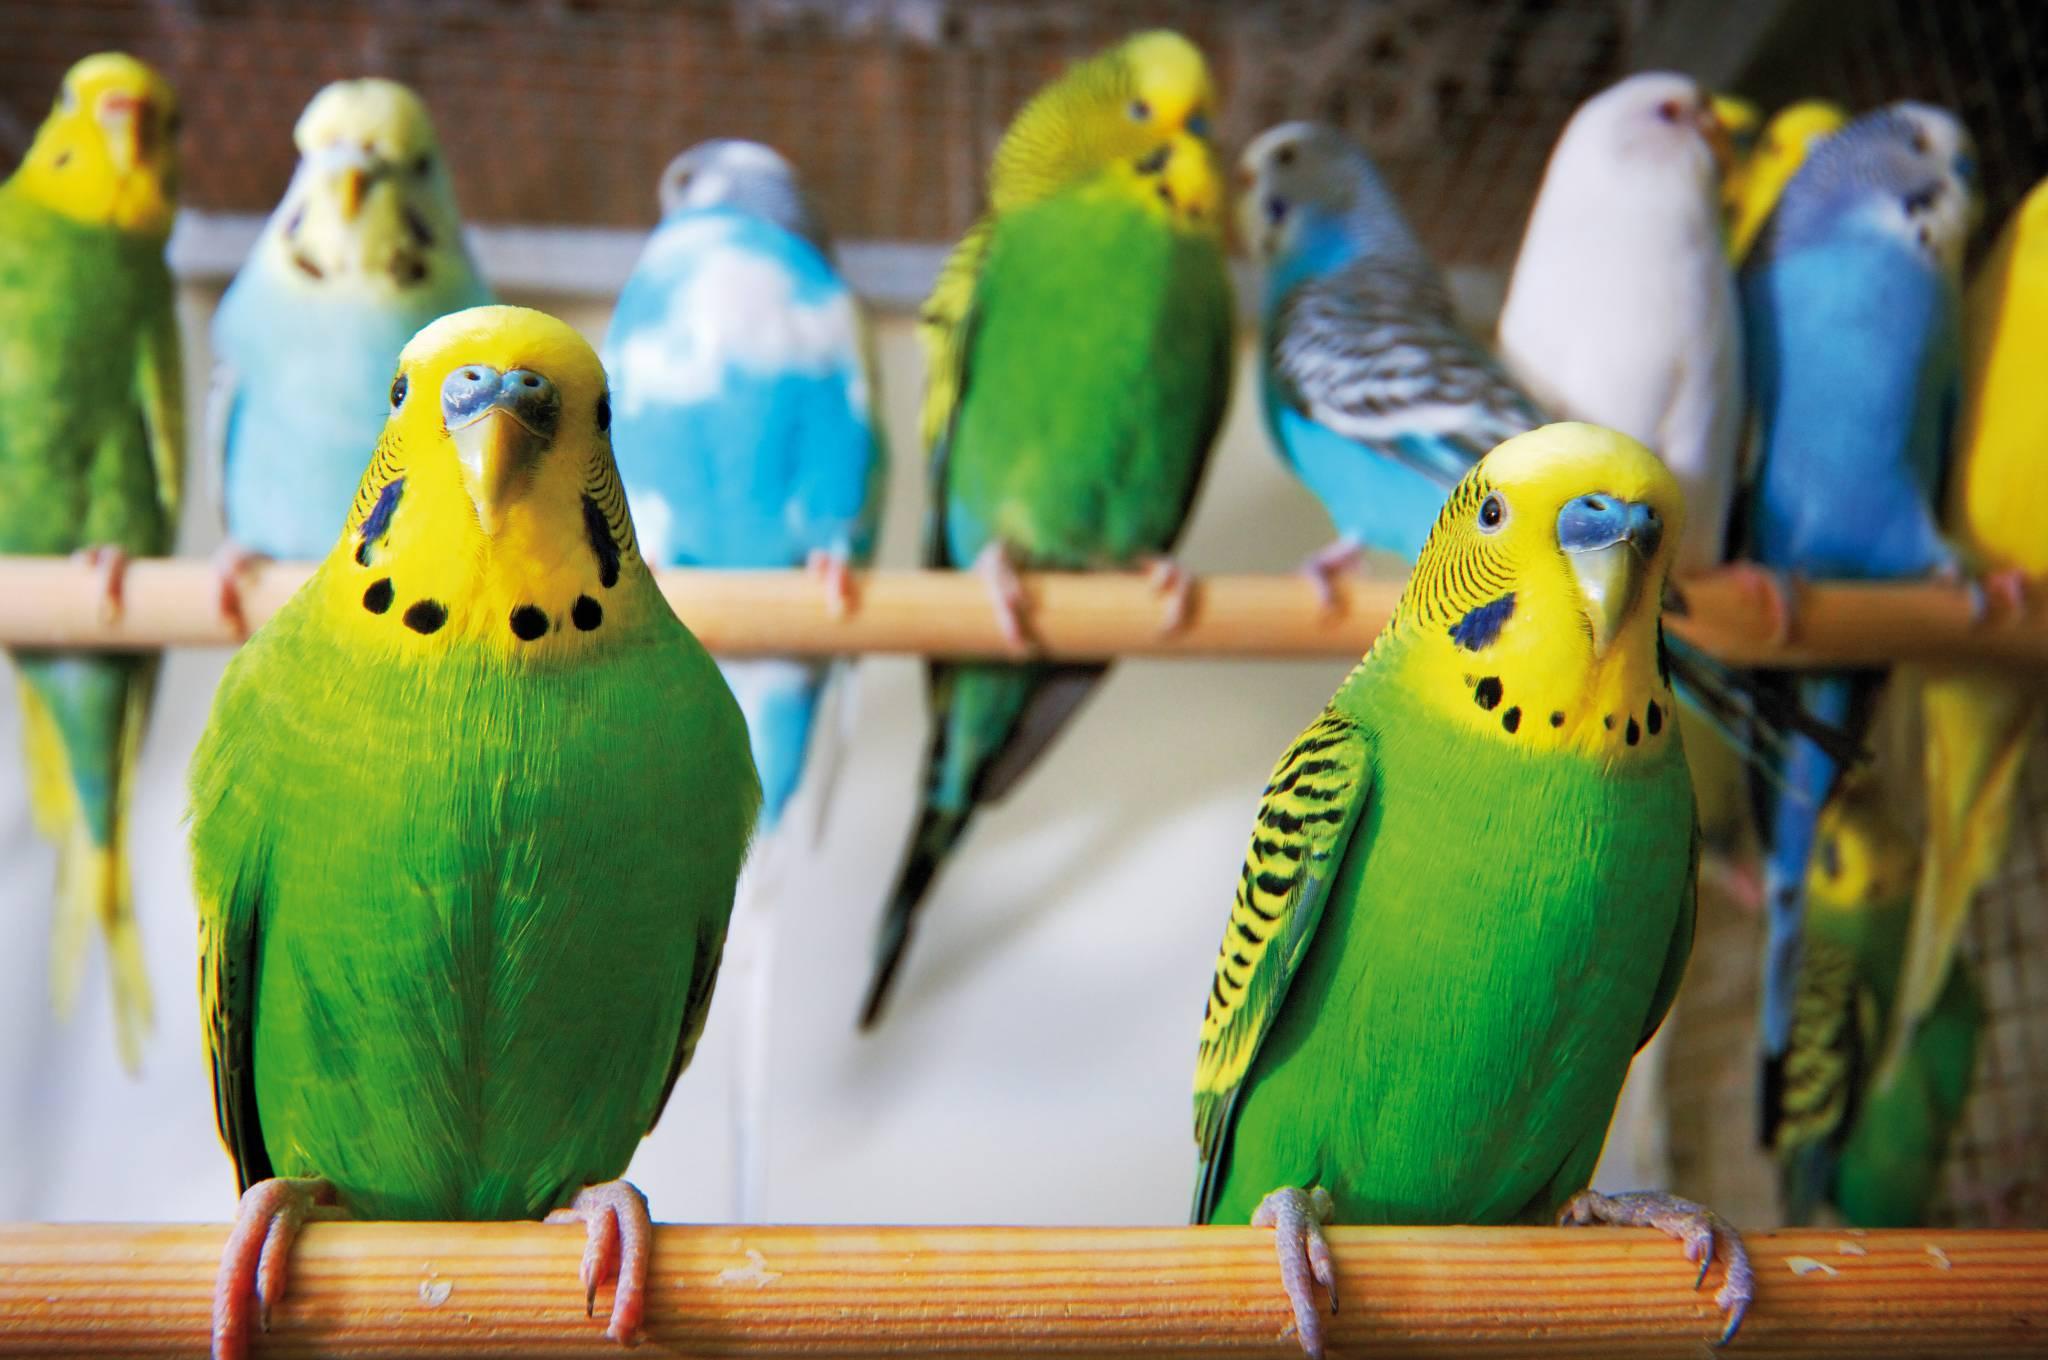 Käfig- und Volierenvögel